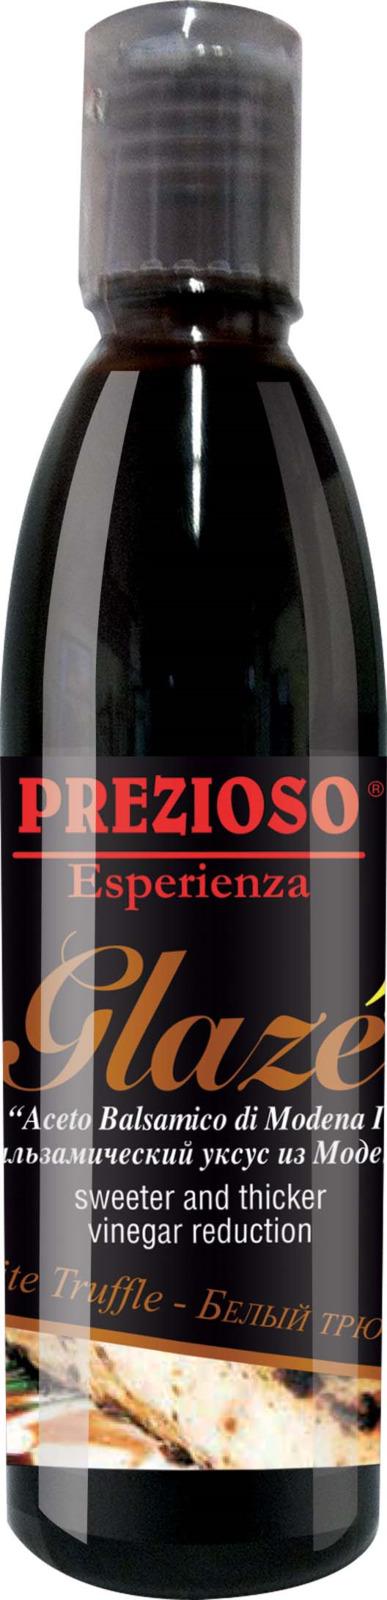 Глазурь Prezioso Esperienza, на основе бальзамического уксуса из Модены, с ароматом белого трюфеля, 250 г ponti топпинг соевый glassa alla soia на основе бальзамического уксуса di modena 250 мл